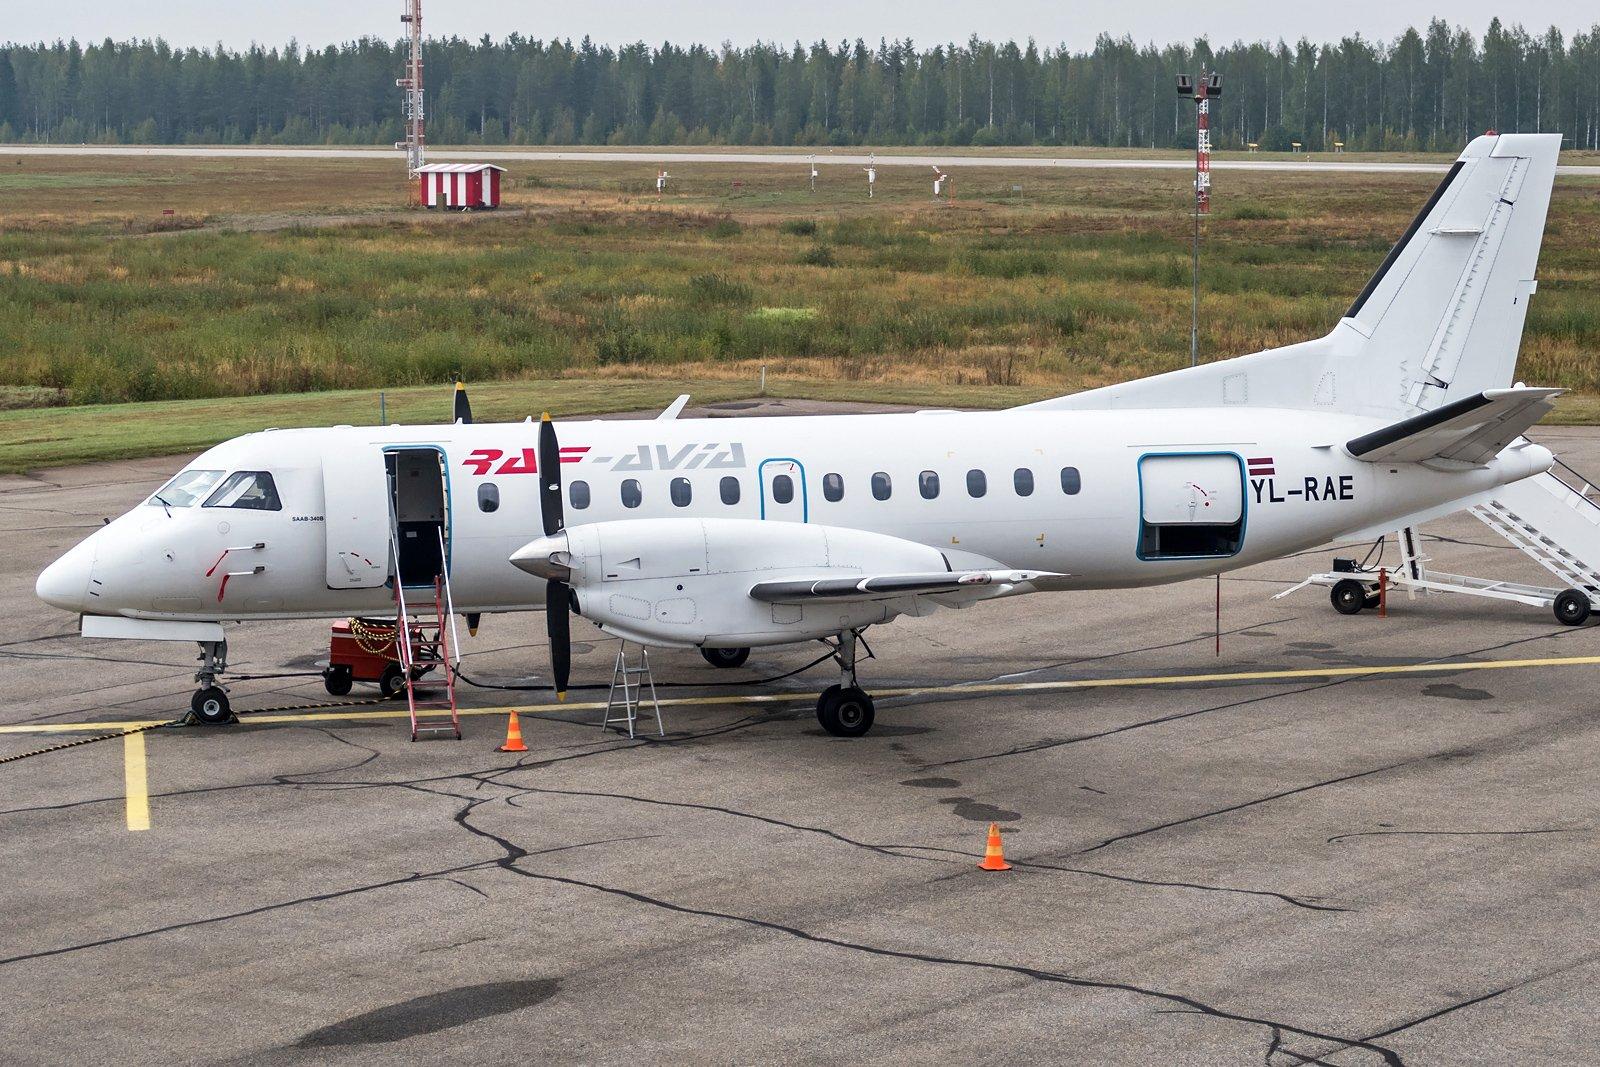 RAF-Avia Saab 340B YL-RAE